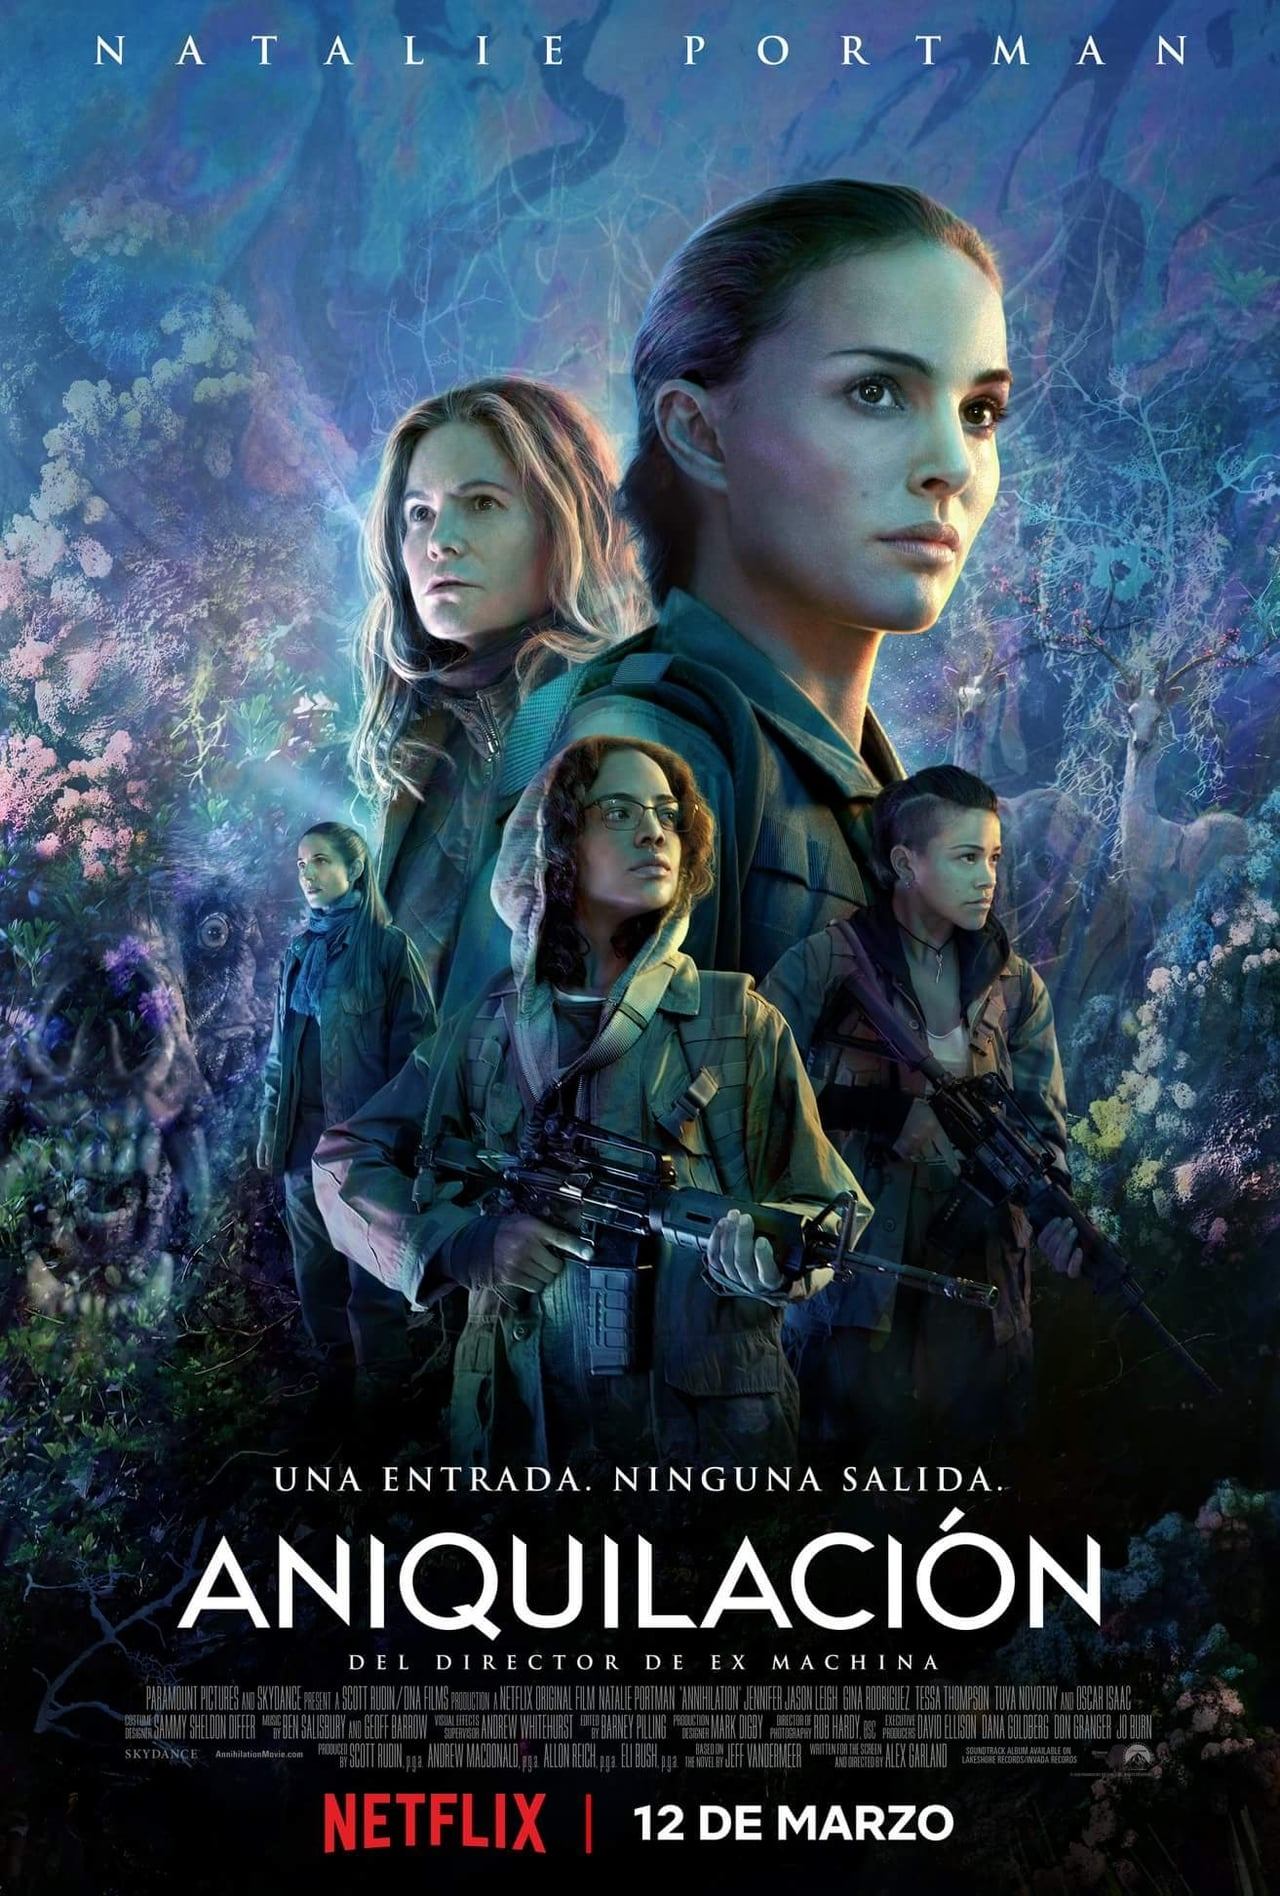 Aniquilación (Annihilation) ()